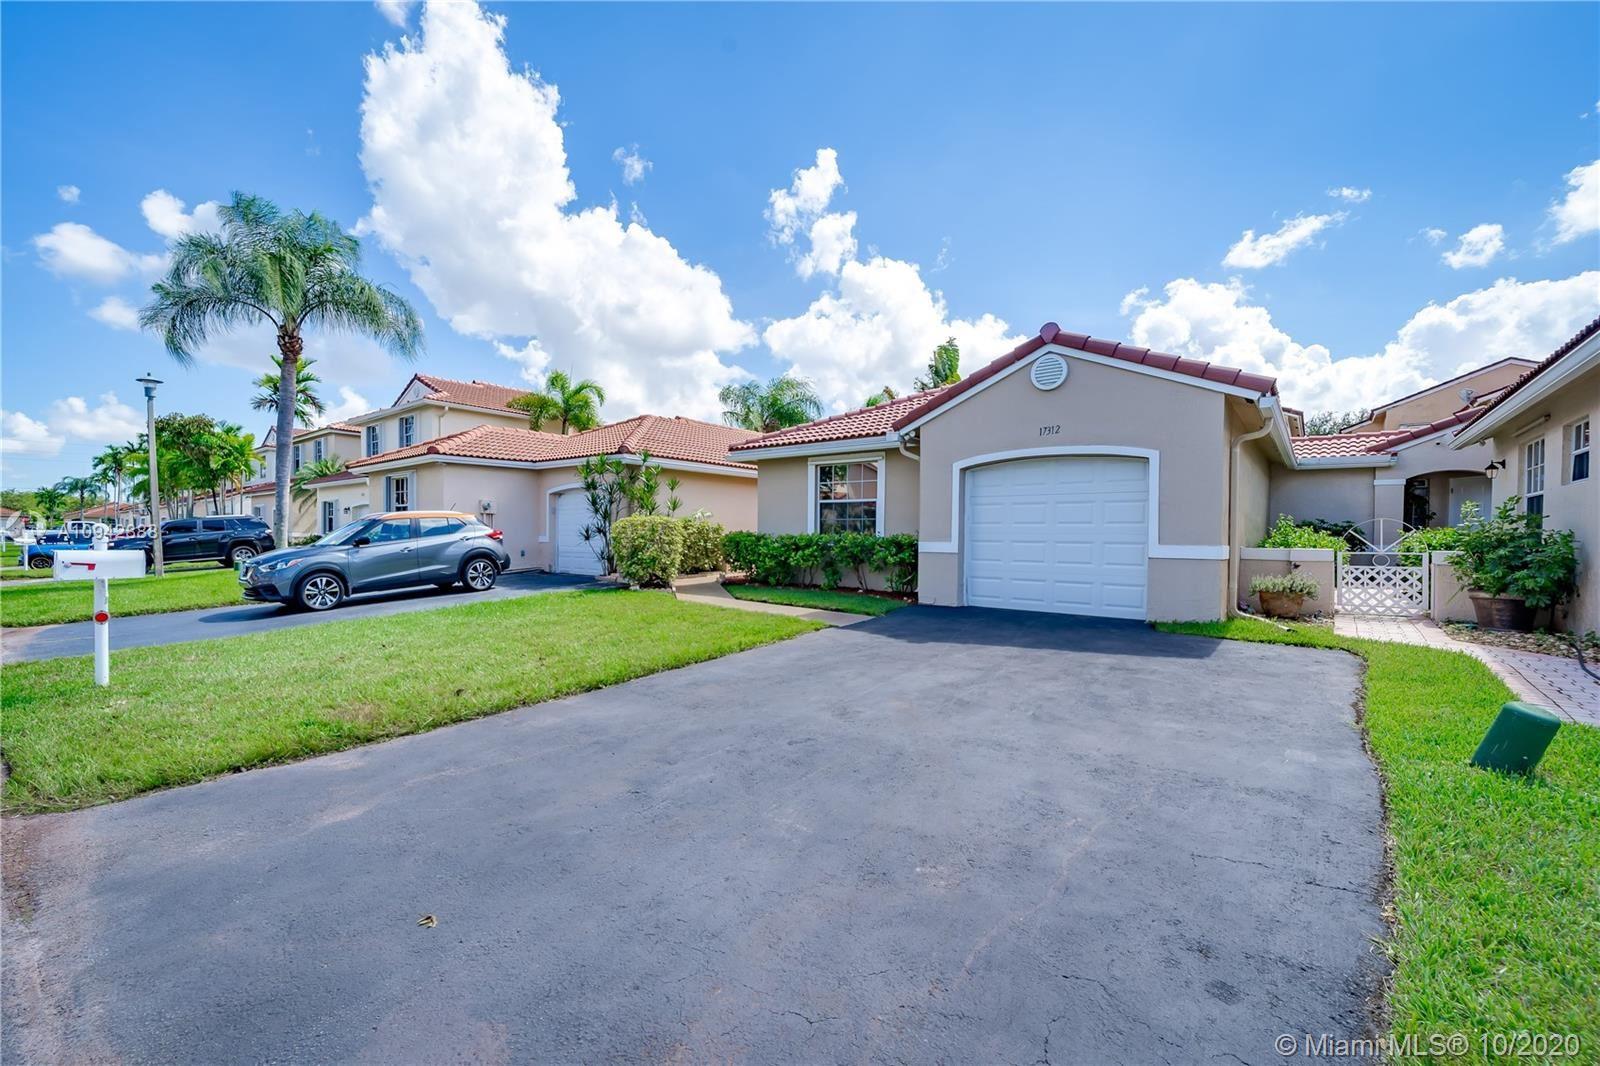 17312 NW 6th Ct, Pembroke Pines, FL 33029 - #: A10942888